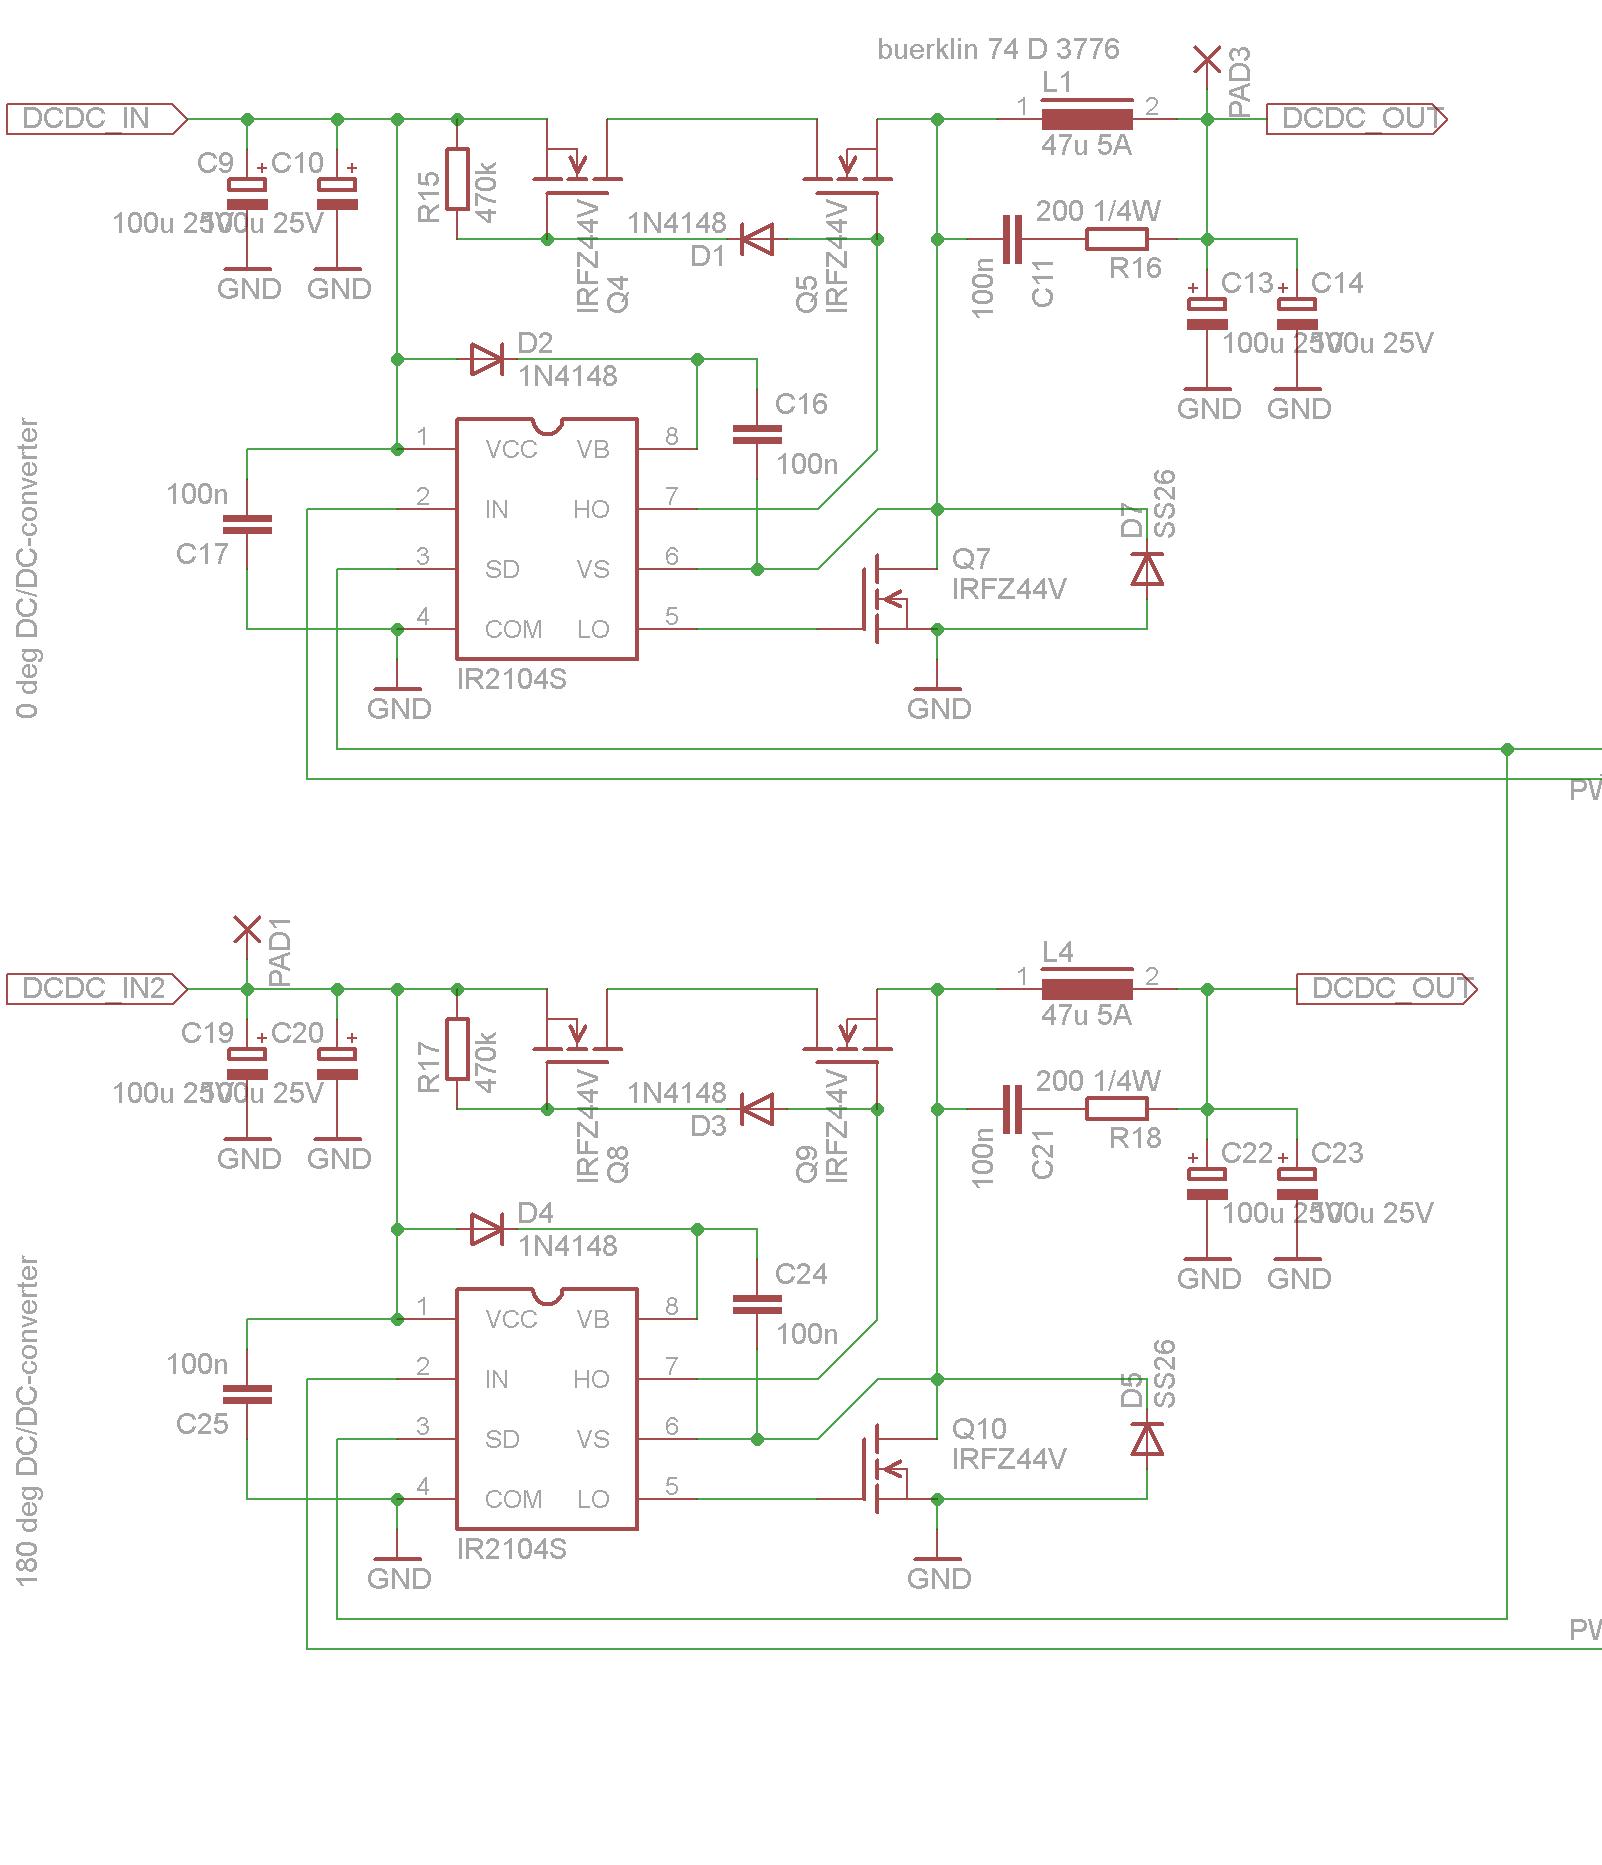 Berühmt Schaltplan Für 200 Ampere Panel Ideen - Schaltplan Serie ...